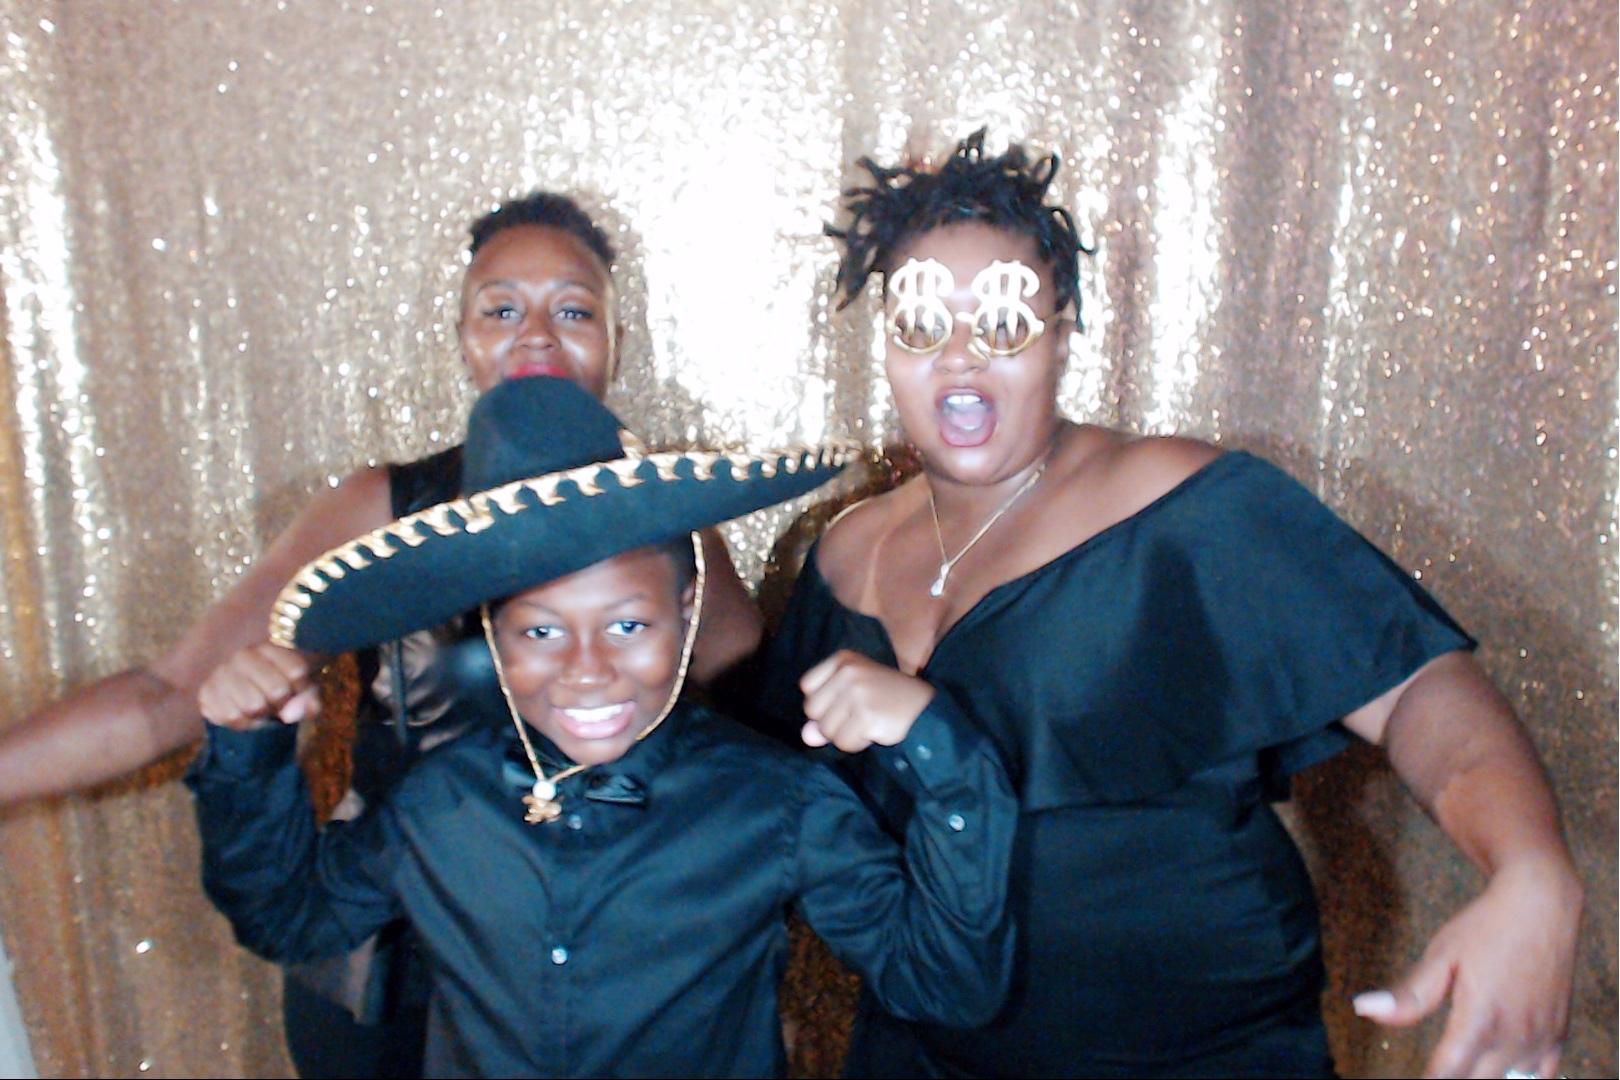 WeddingCancunPhotoBooth0064